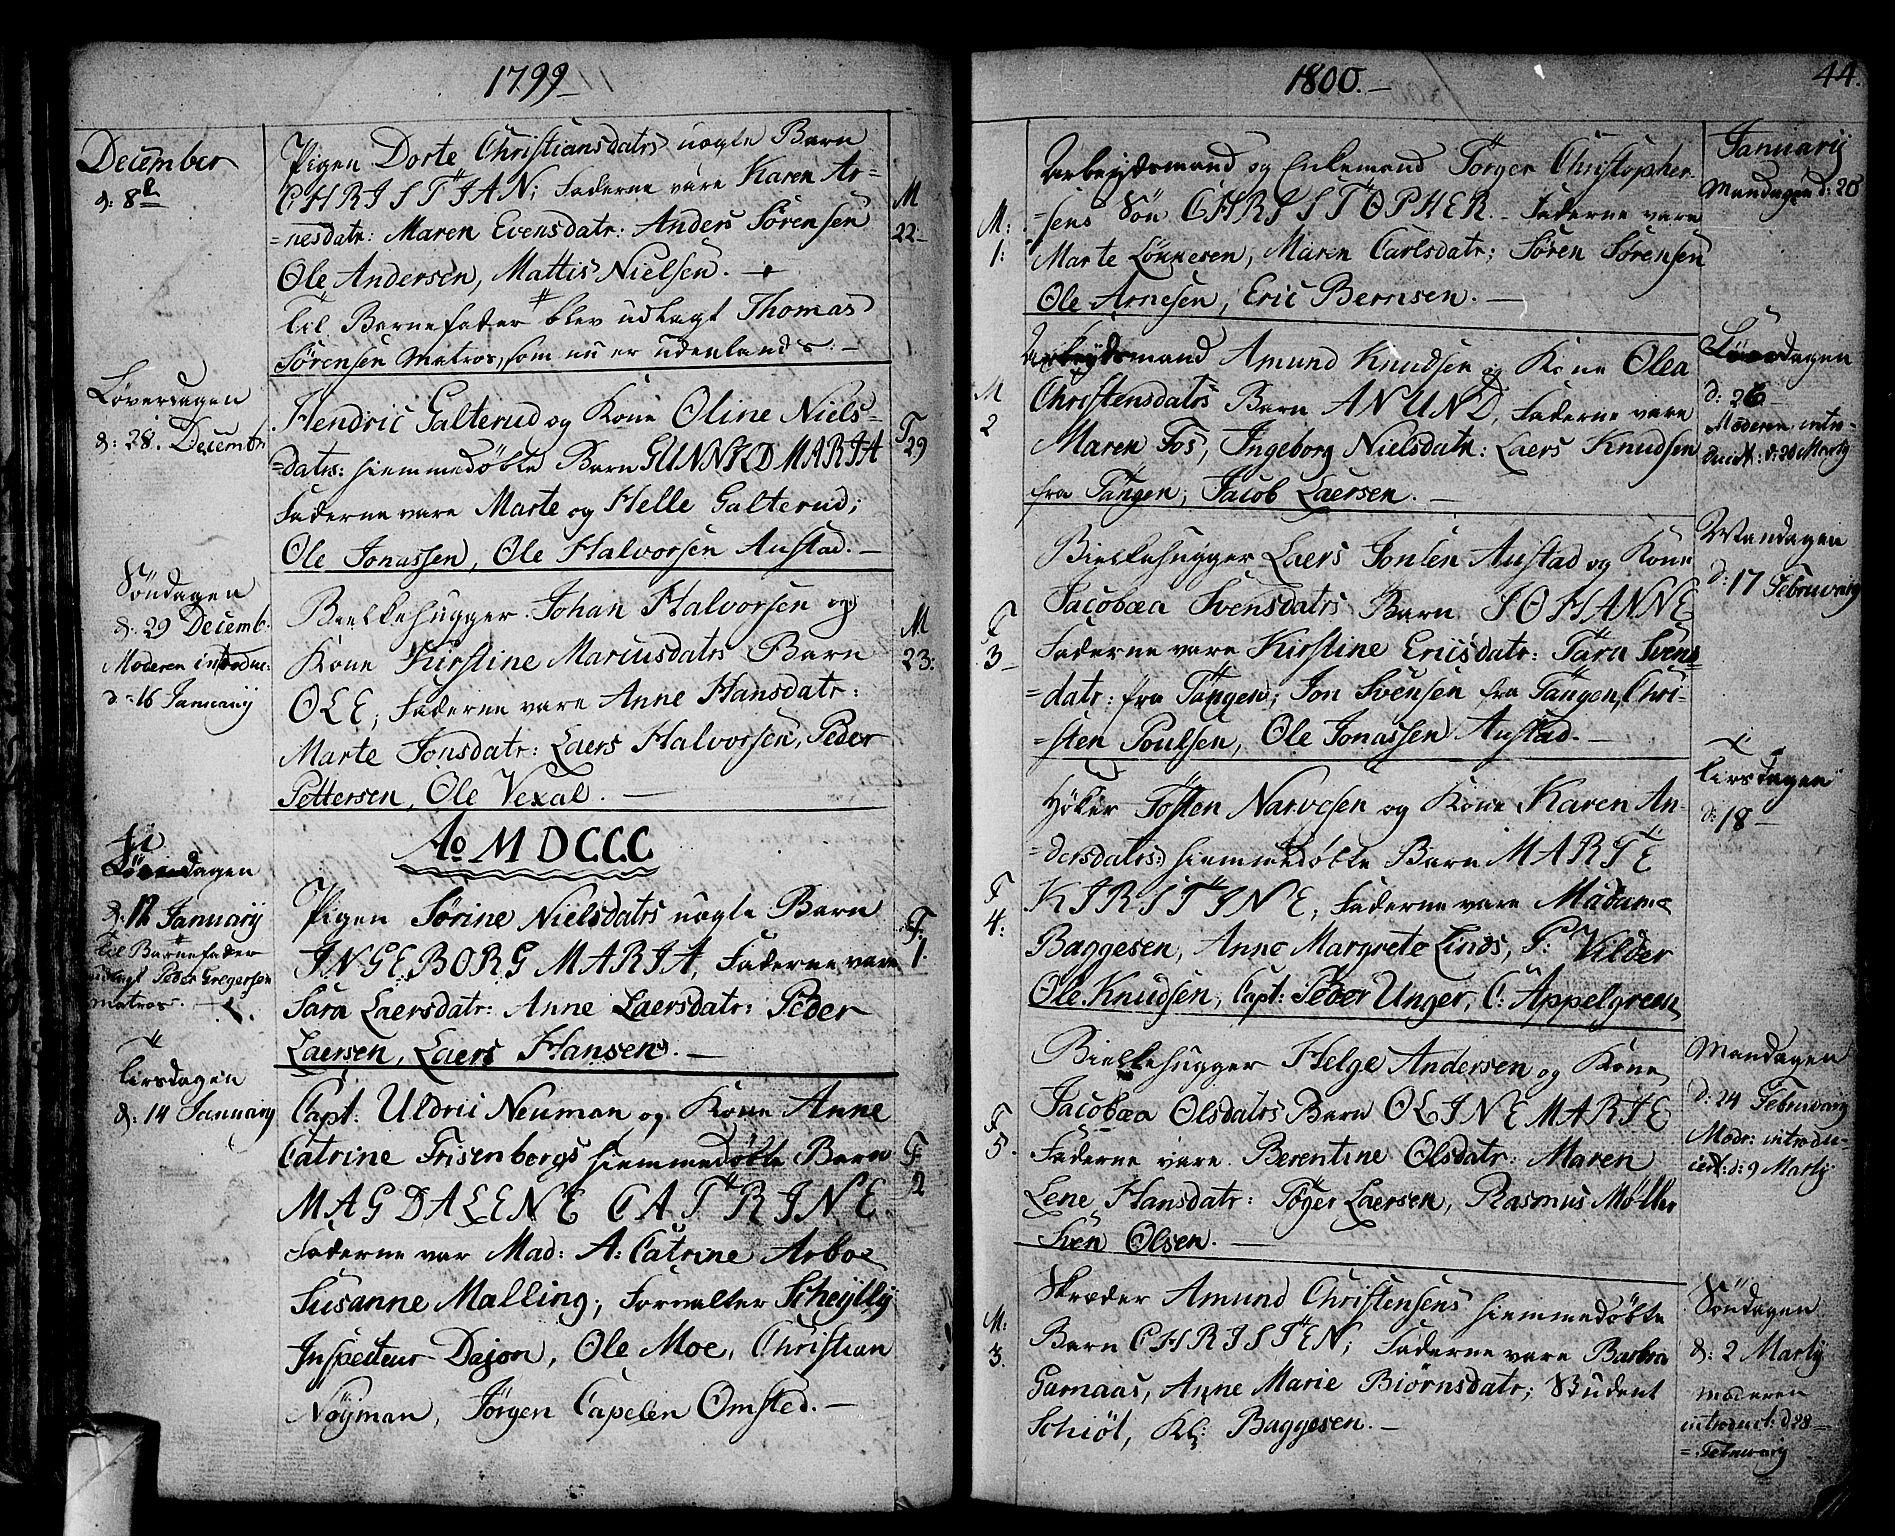 SAKO, Strømsø kirkebøker, F/Fa/L0010: Ministerialbok nr. I 10, 1792-1822, s. 44